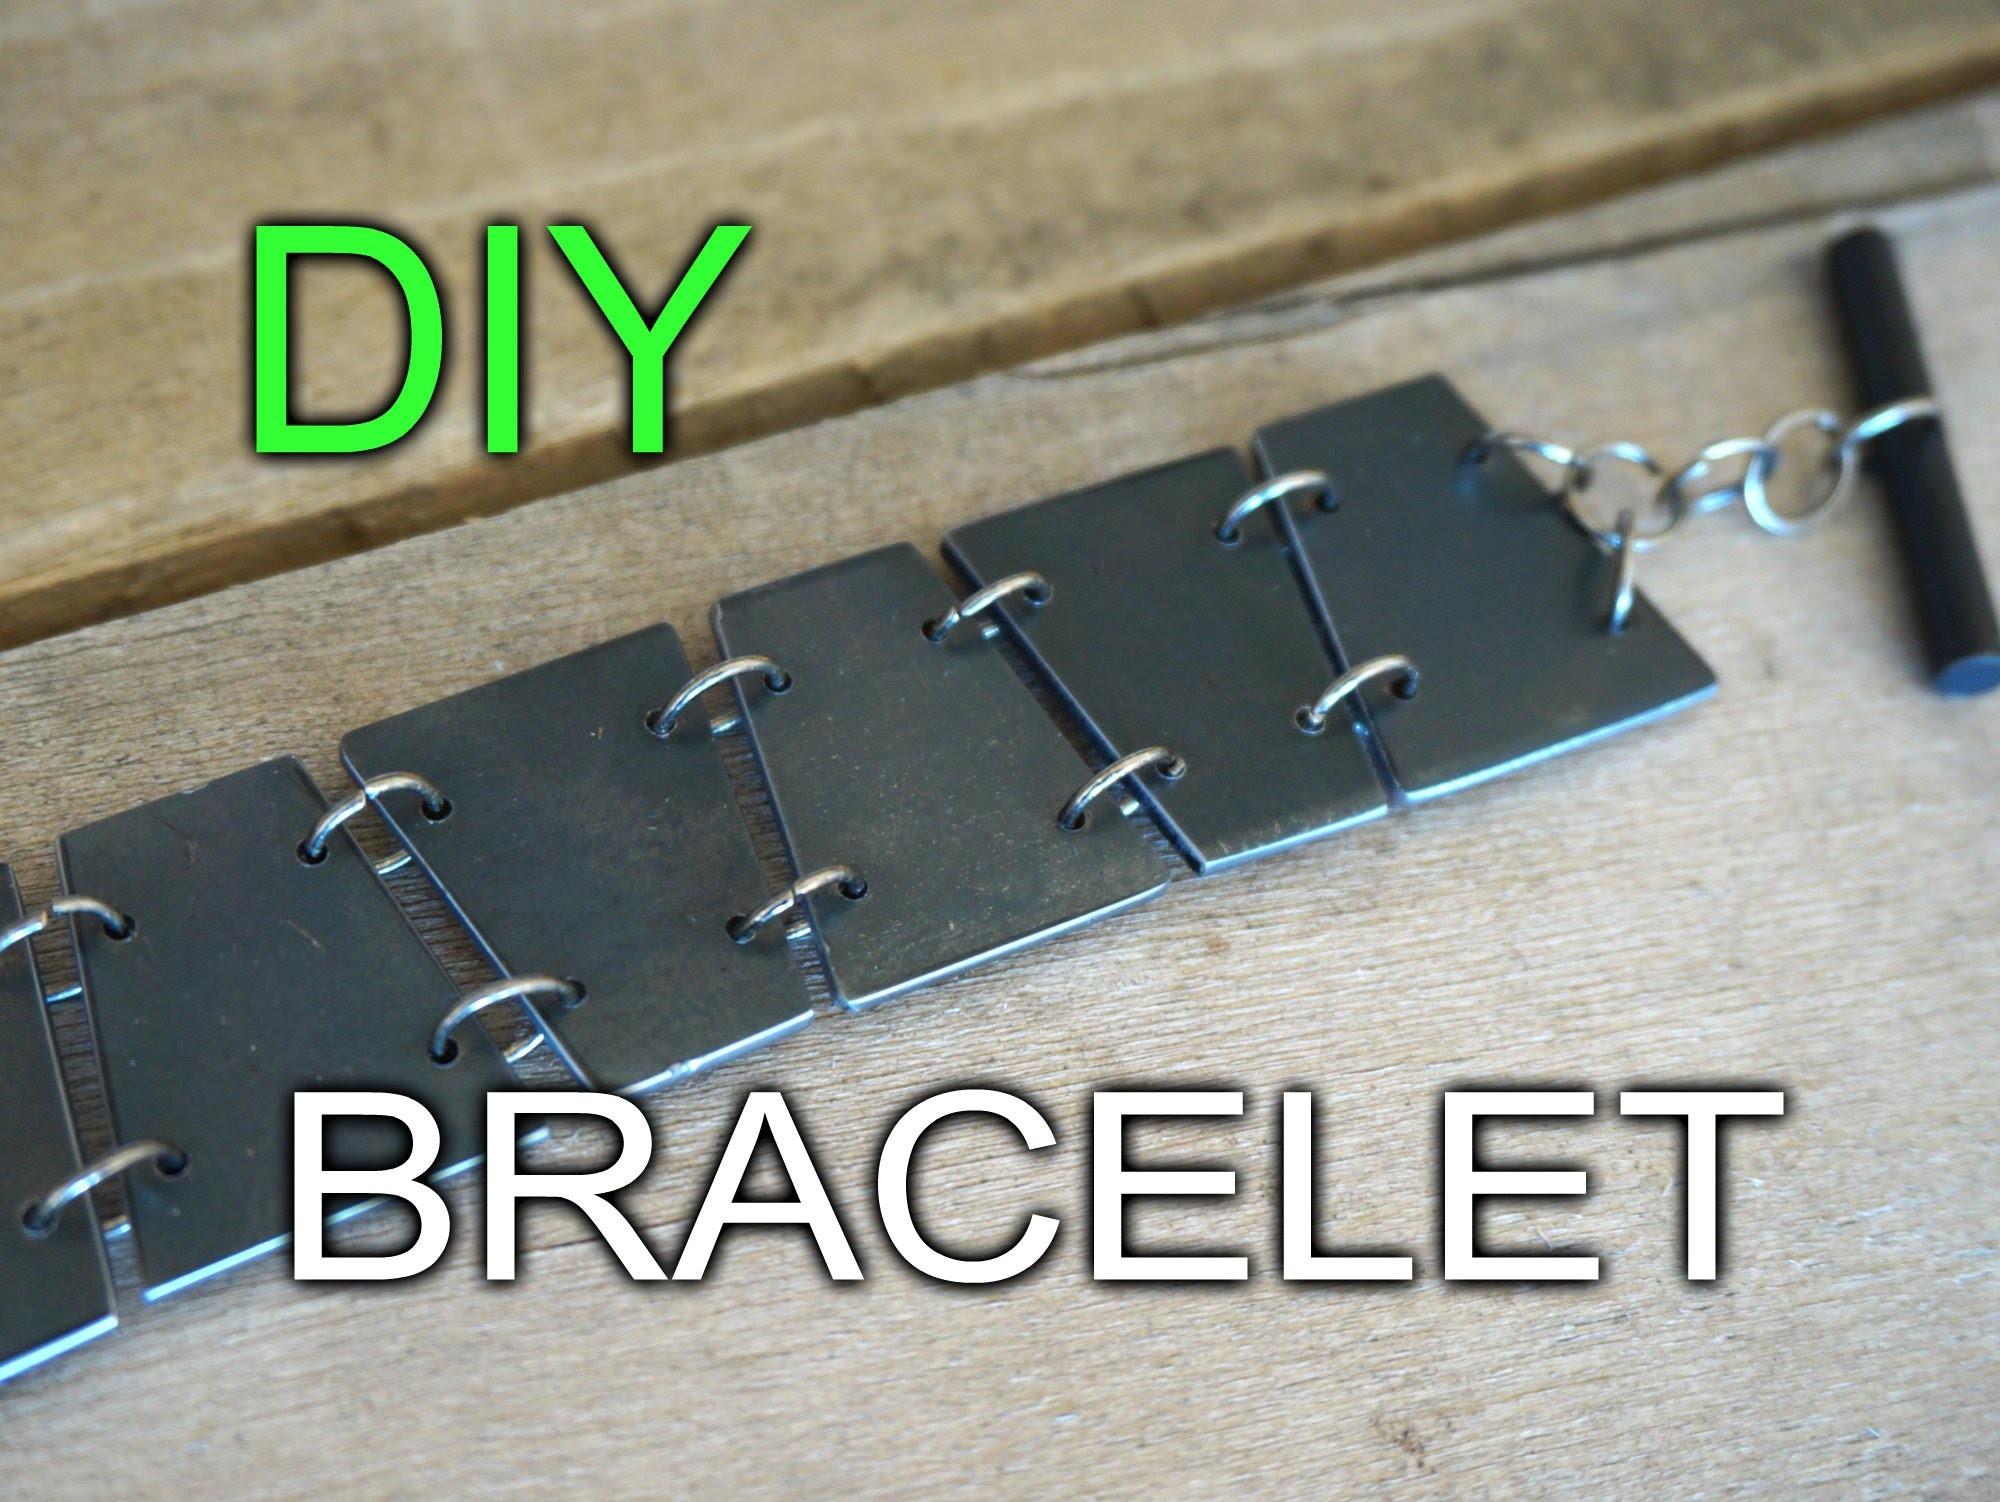 Bracelet for my Wife - DIY Jewelry How to